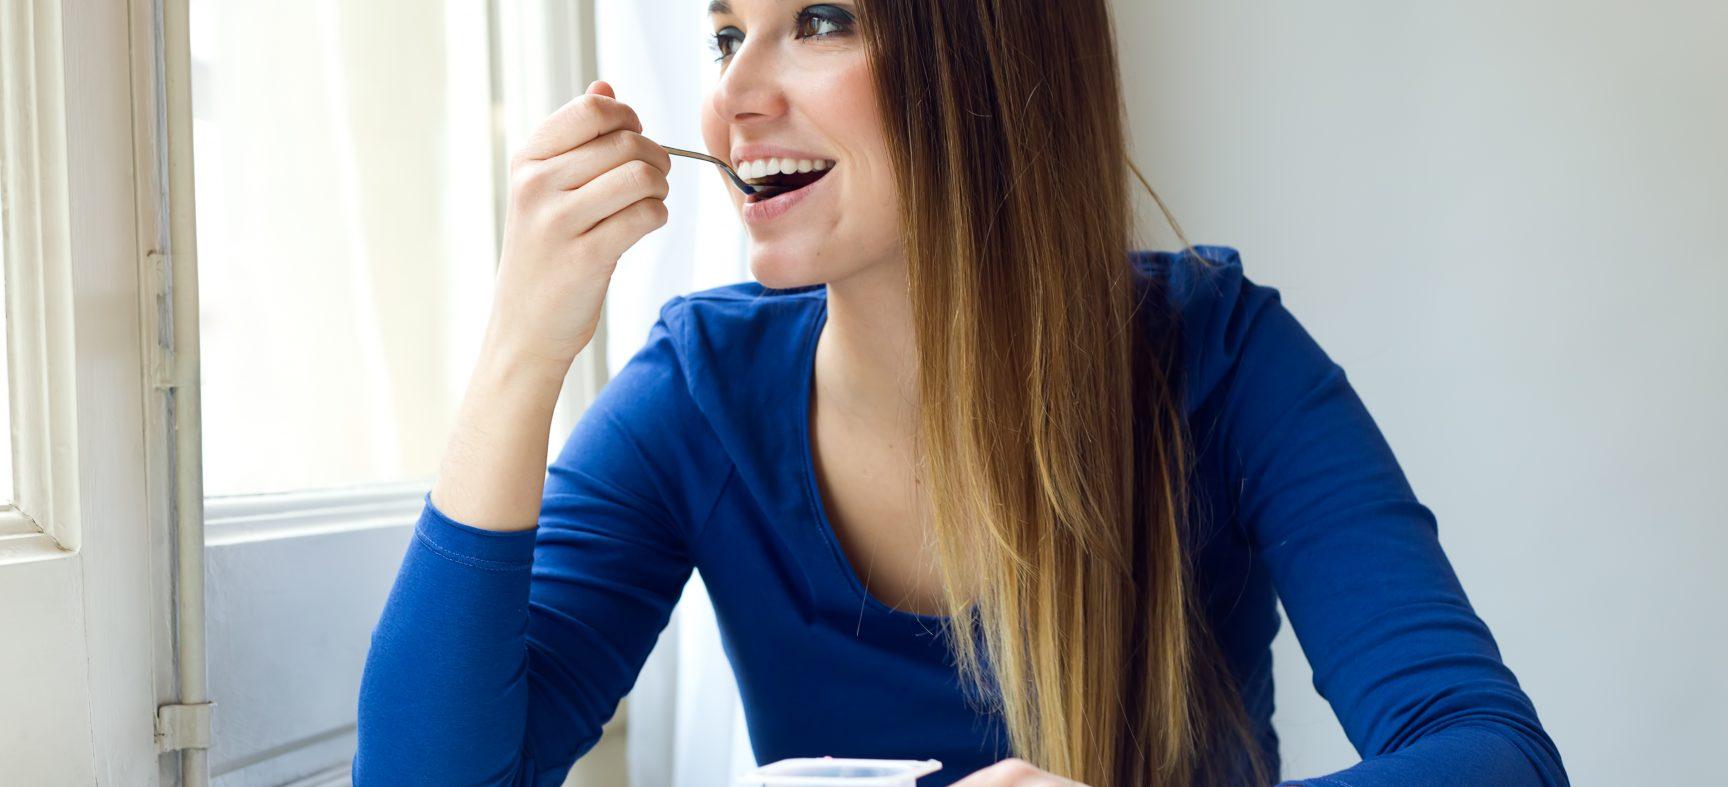 Comer de 3 em 3 horas é o correto?